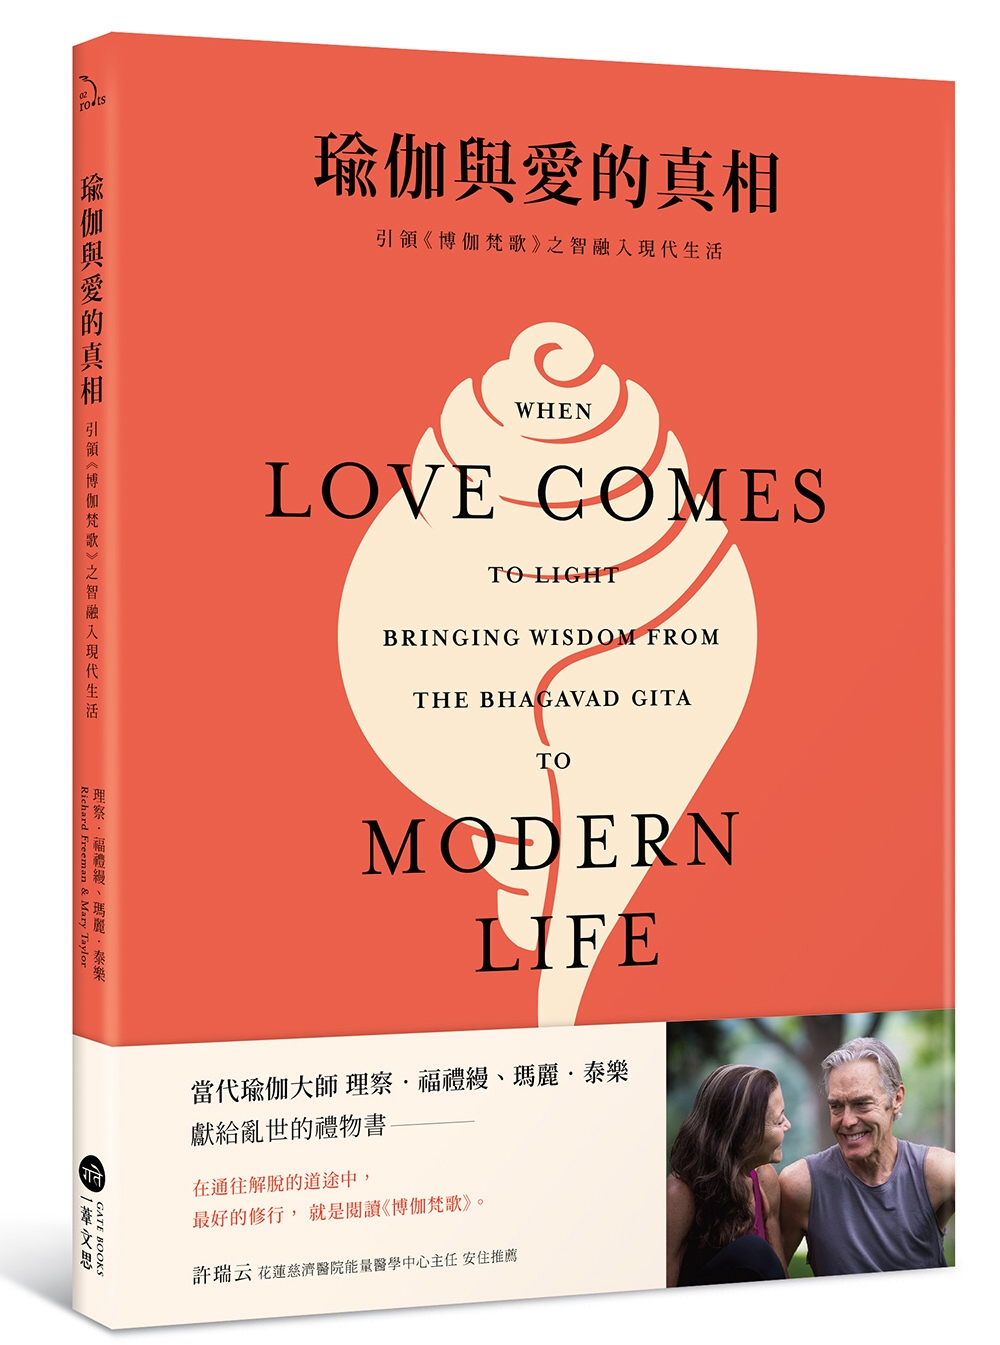 瑜伽與愛的真相:引領《博伽梵歌...